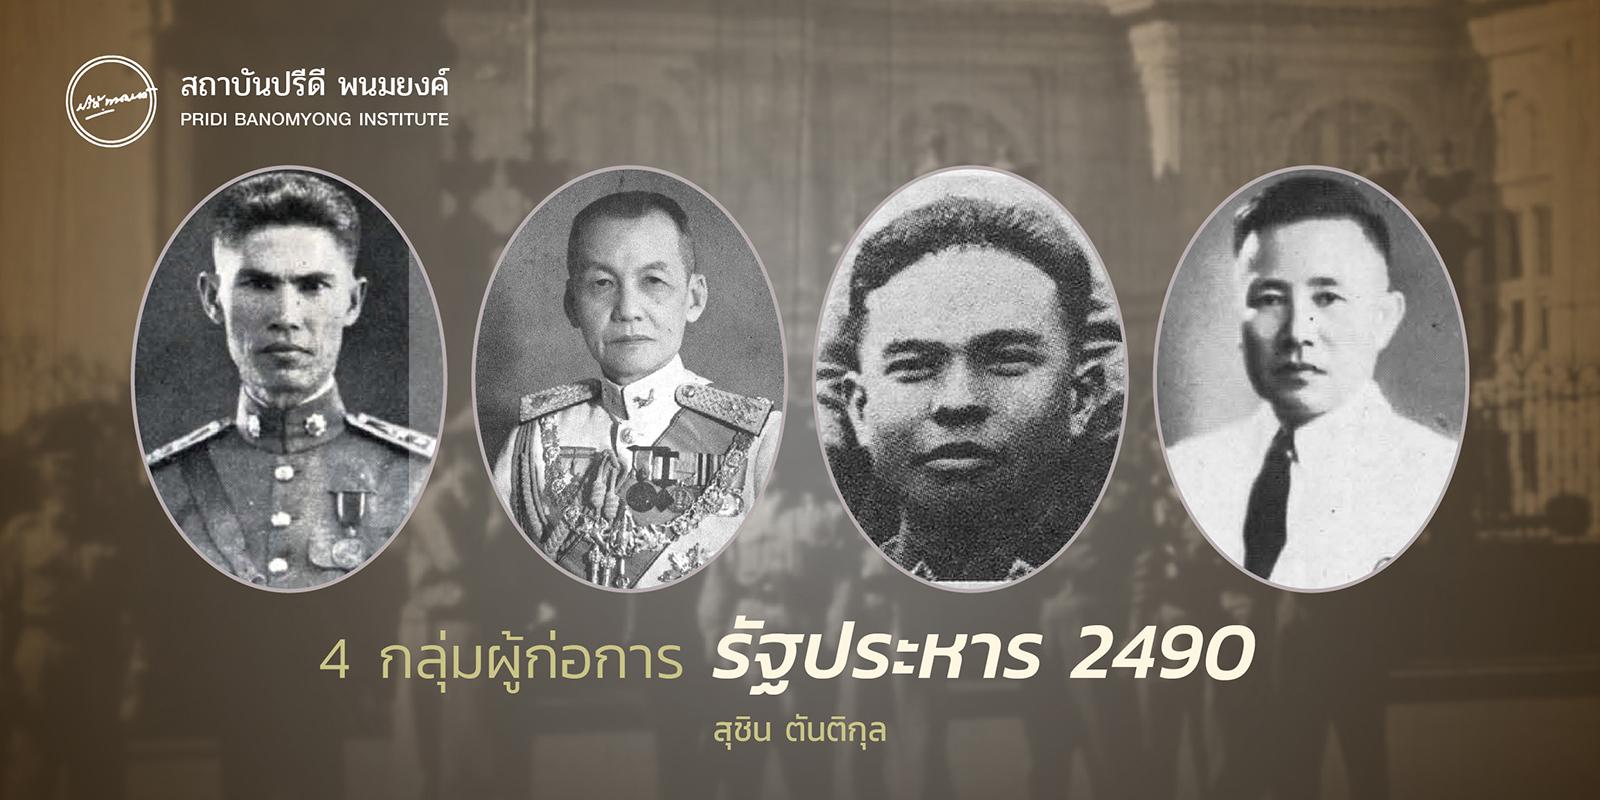 4 กลุ่มผู้ก่อการ รัฐประหาร 2490